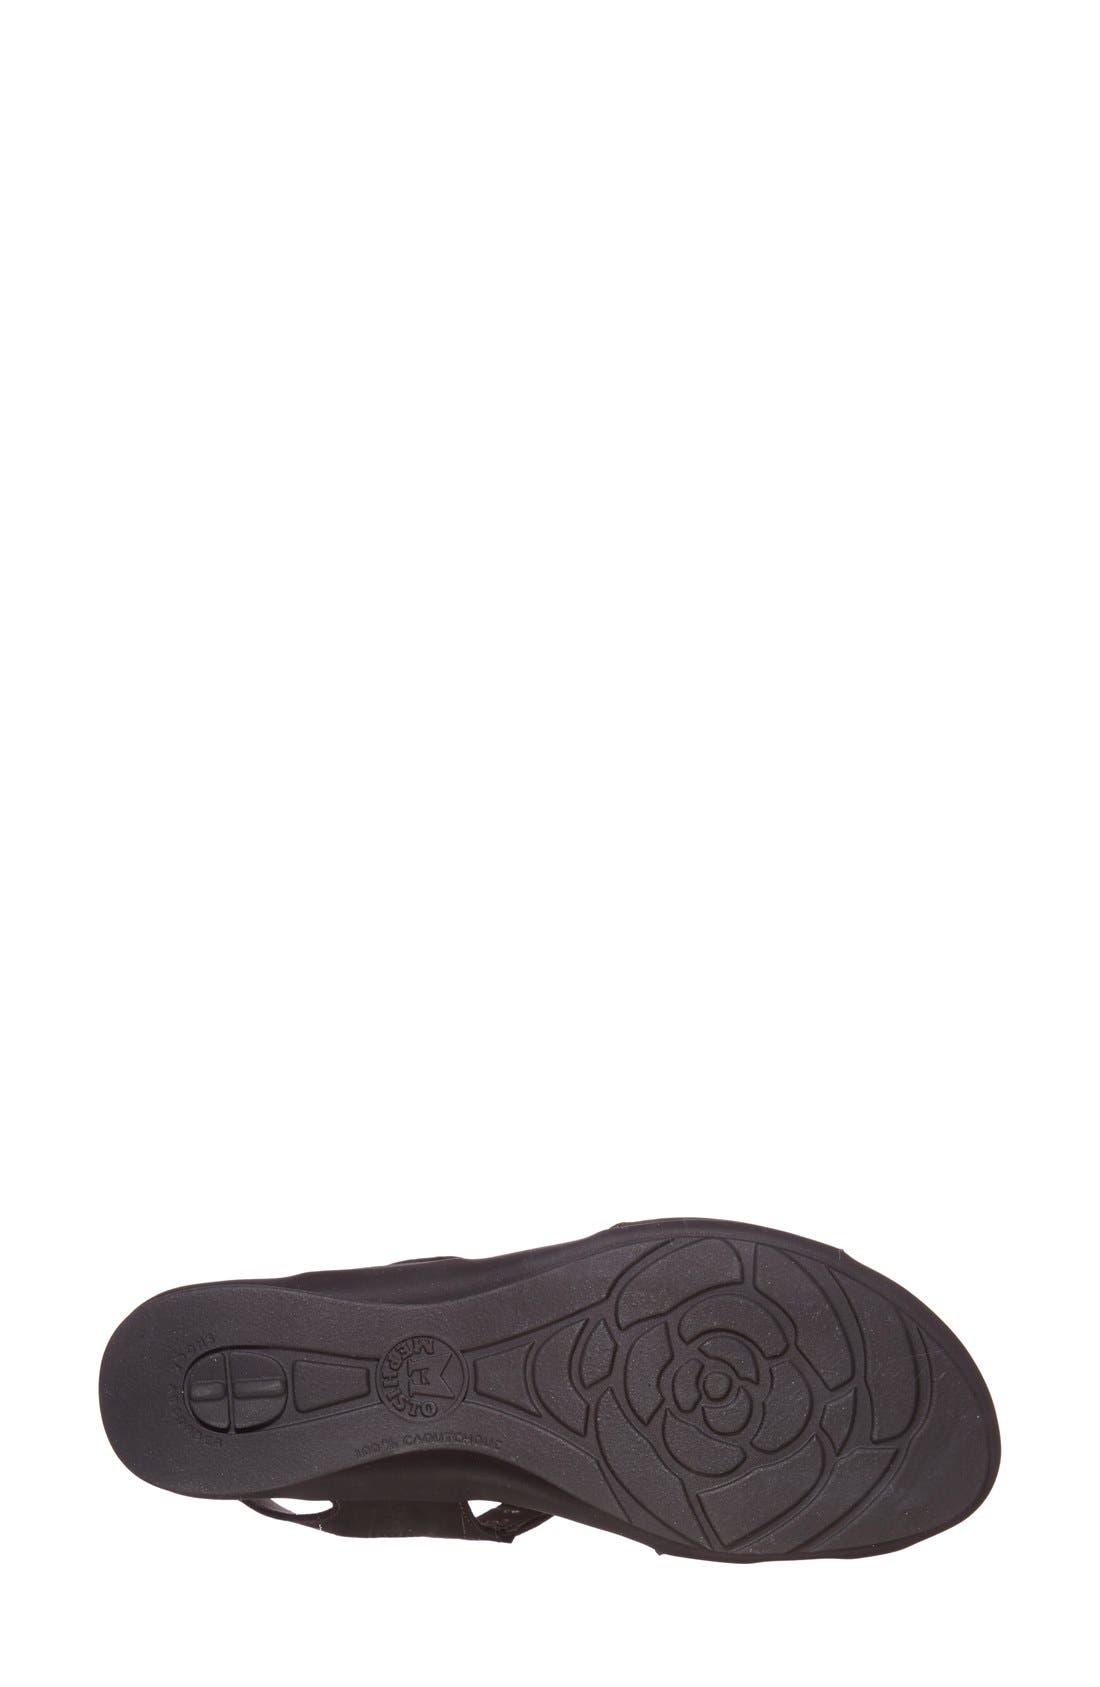 MEPHISTO, 'Paris' Slingback Sandal, Alternate thumbnail 7, color, BLACK